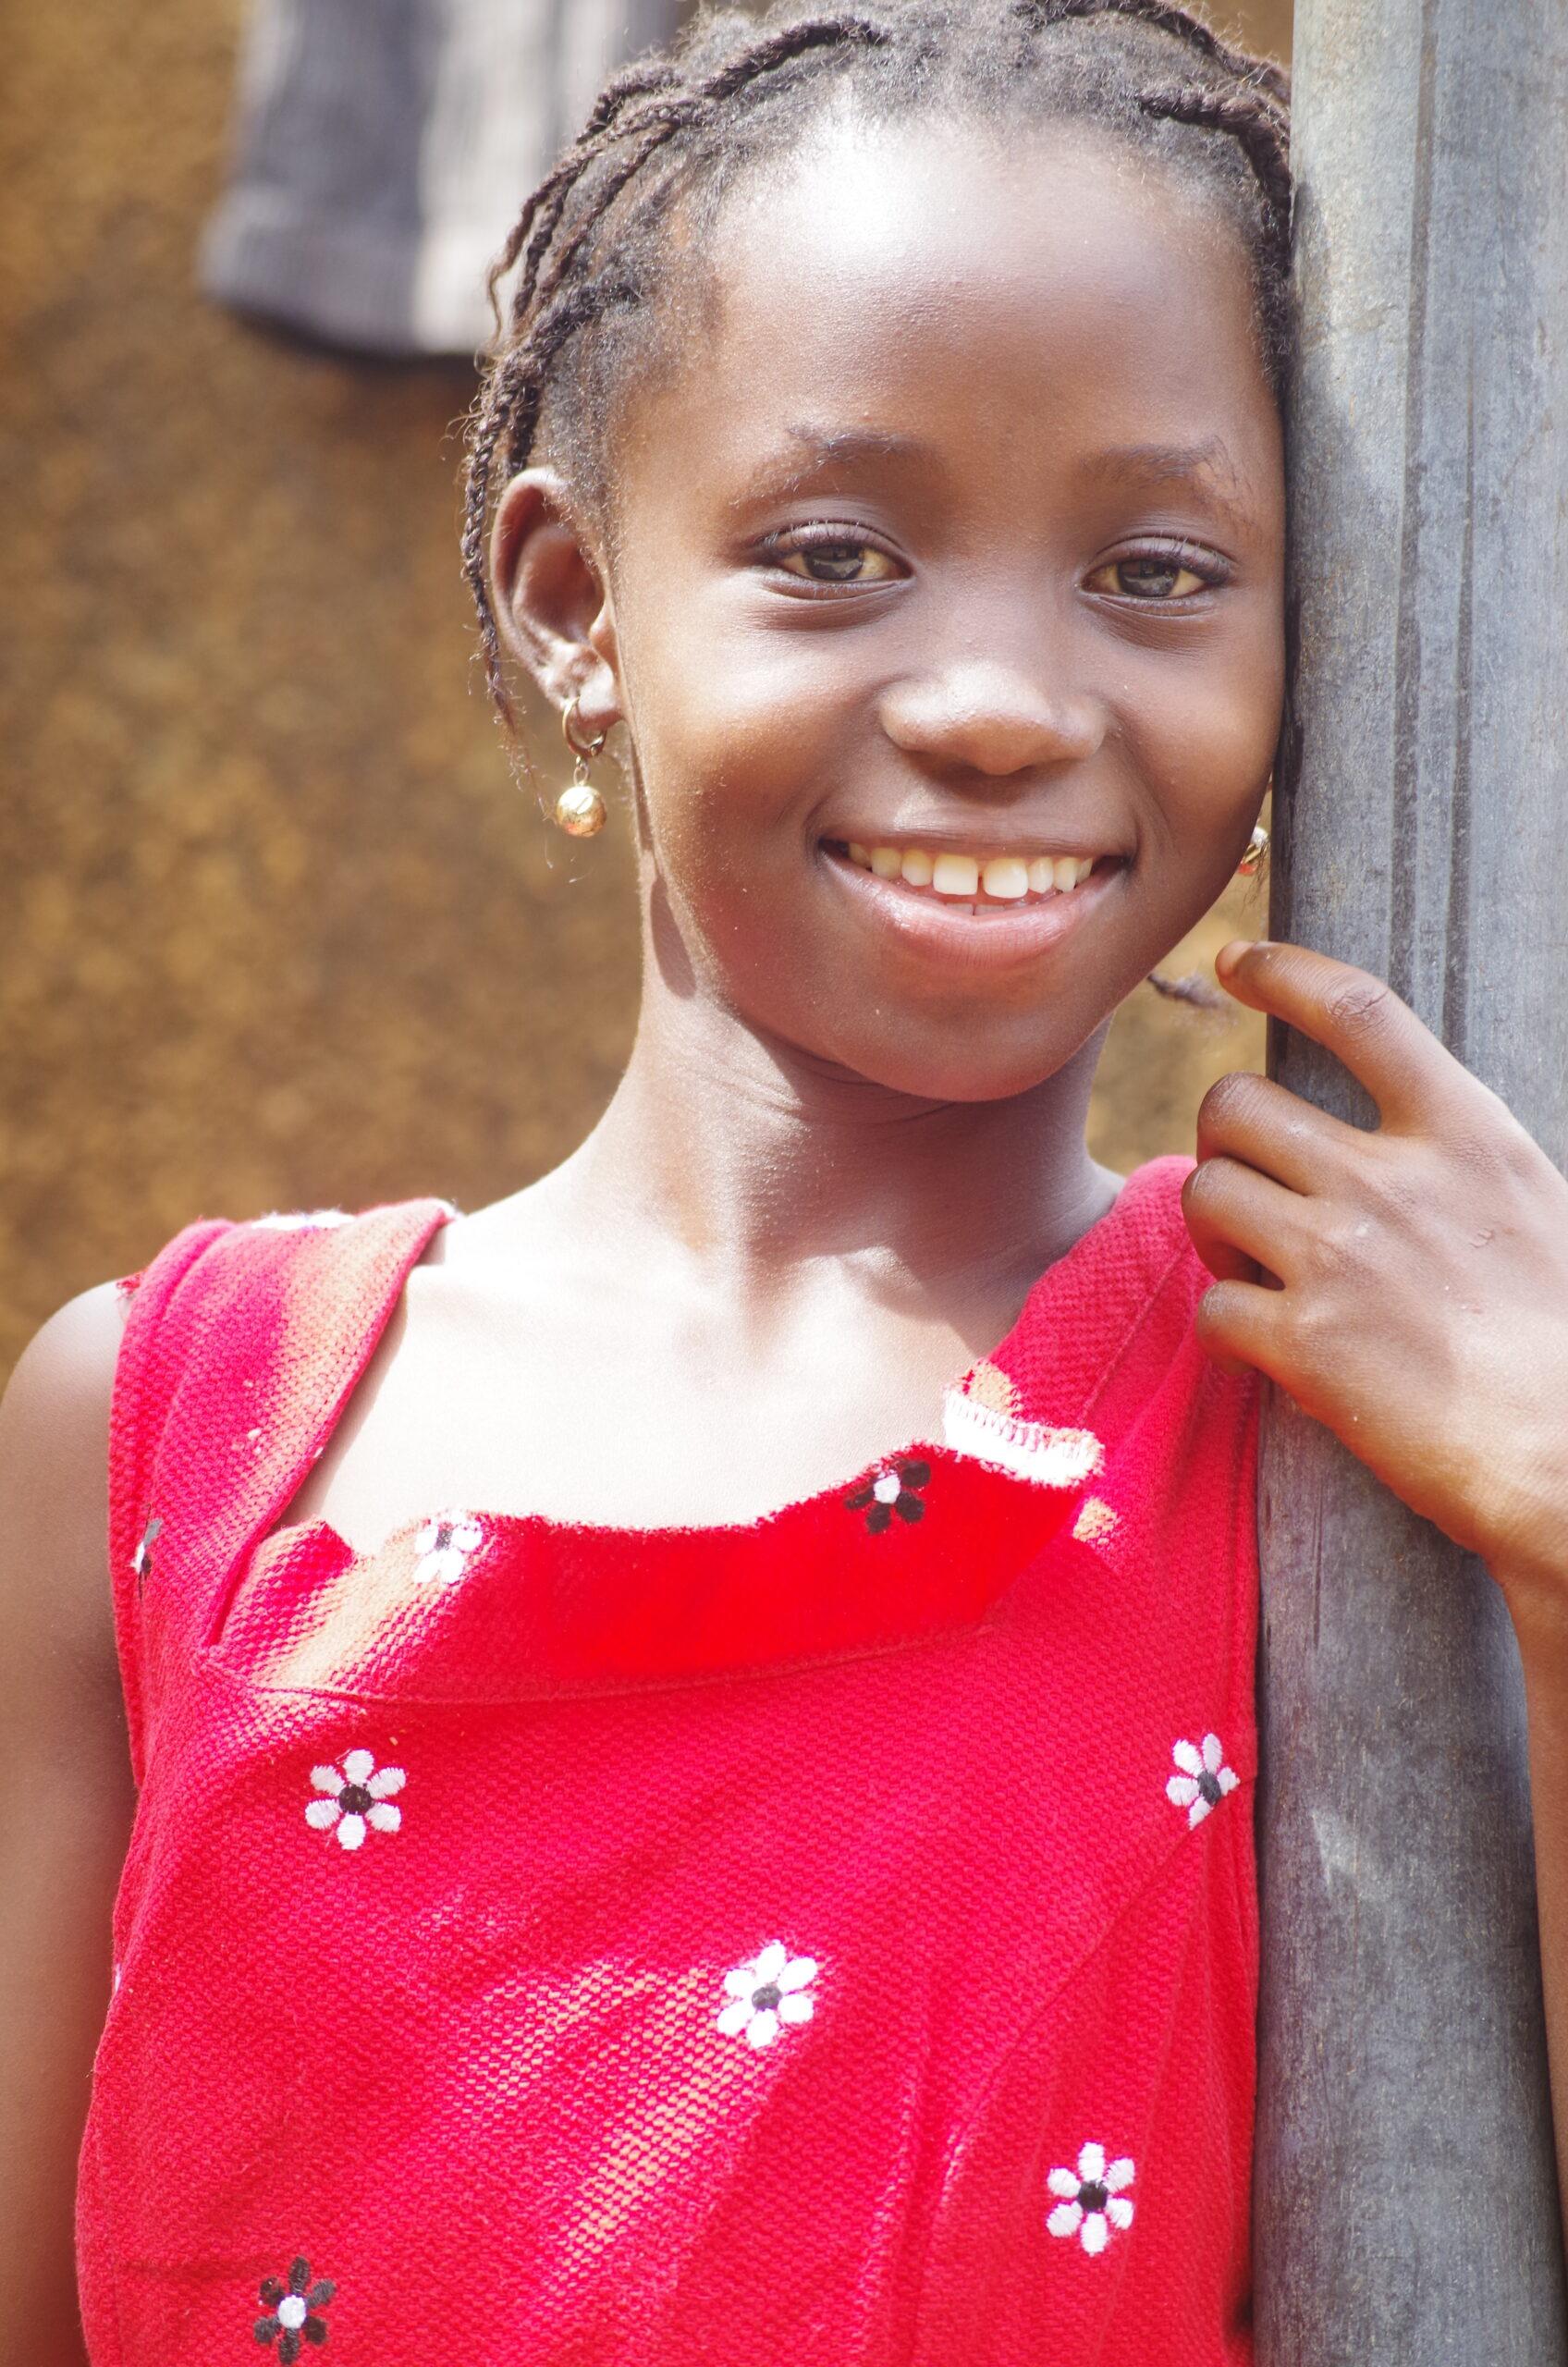 Association Ranime soutien l'éducation des jeunes filles en Afrique